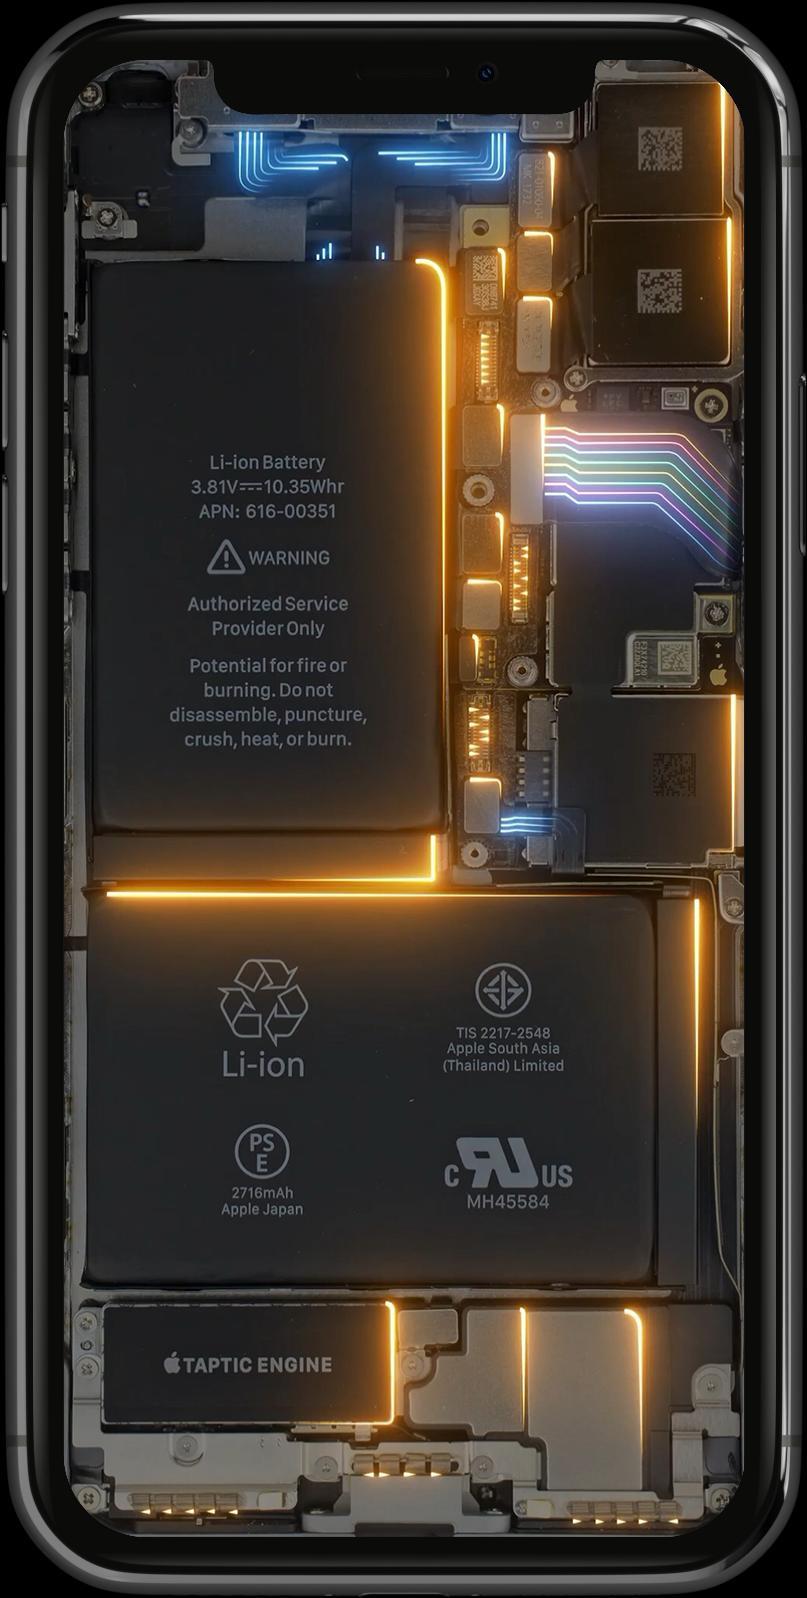 Telefon Strom Live Wallpaper Kostenlos HD für Android   APK ...